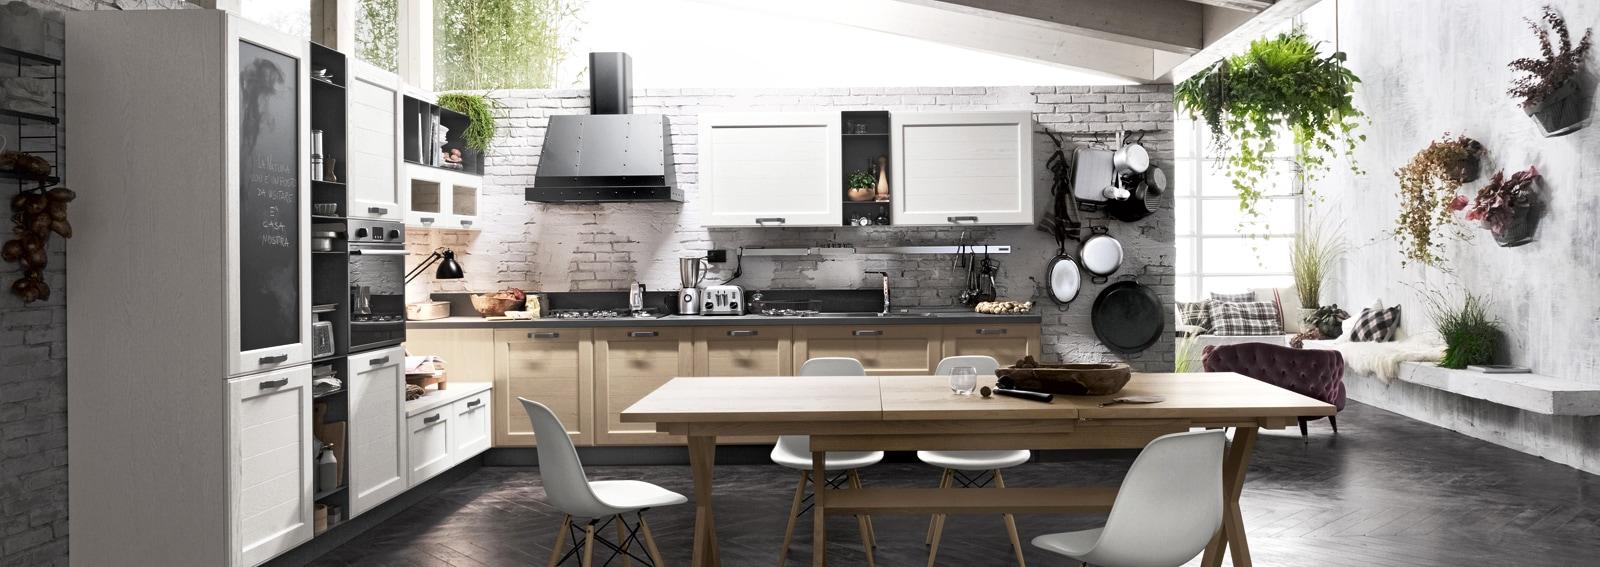 Beautiful Cucine Più Belle Photos - Design & Ideas 2017 - candp.us